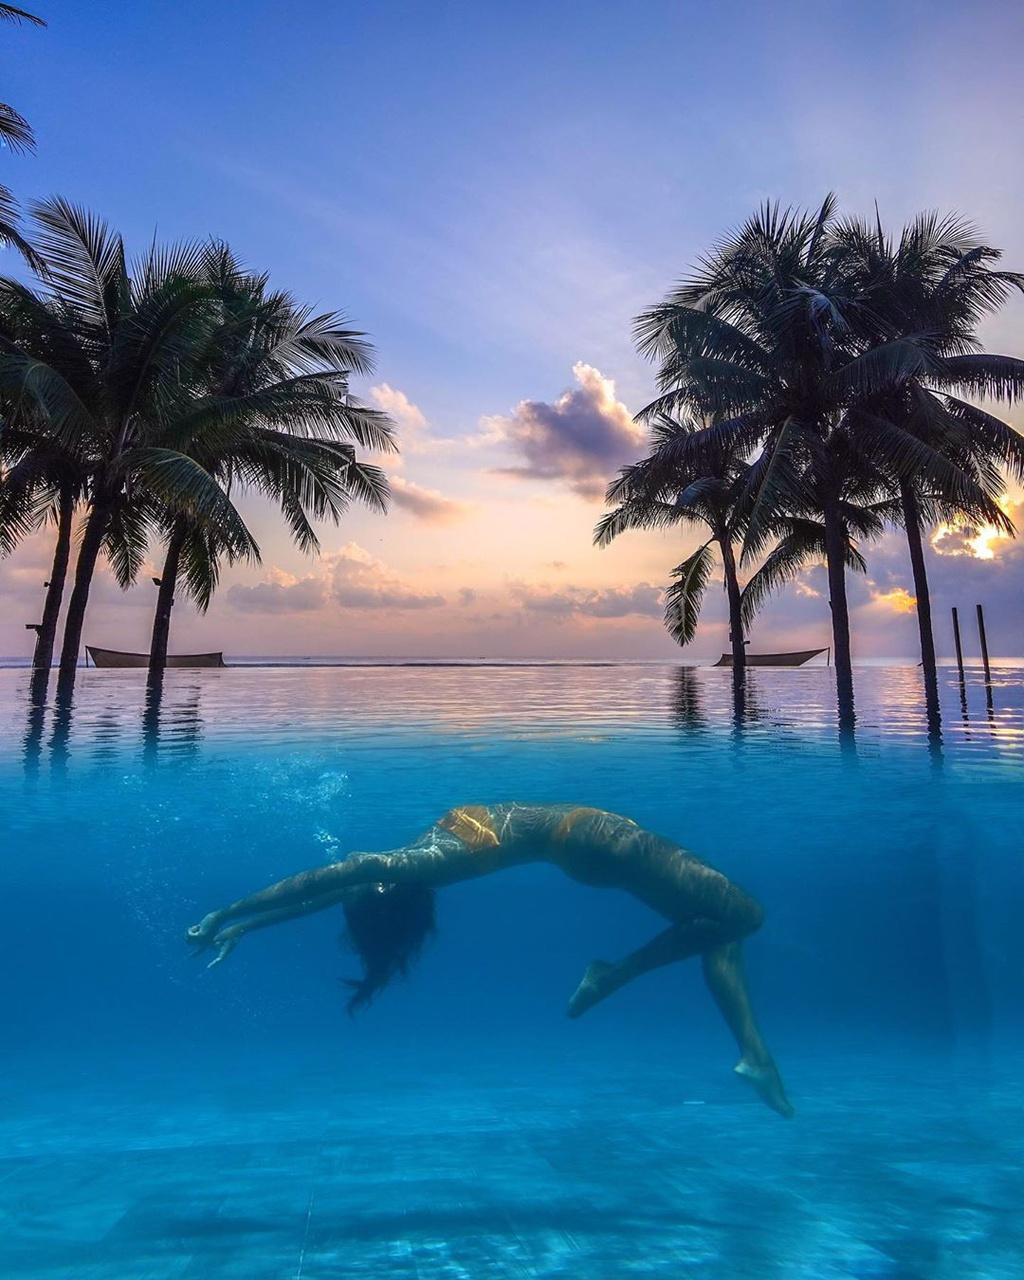 5 hồ bơi vô cực Việt Nam xuất hiện trên tạp chí nước ngoài